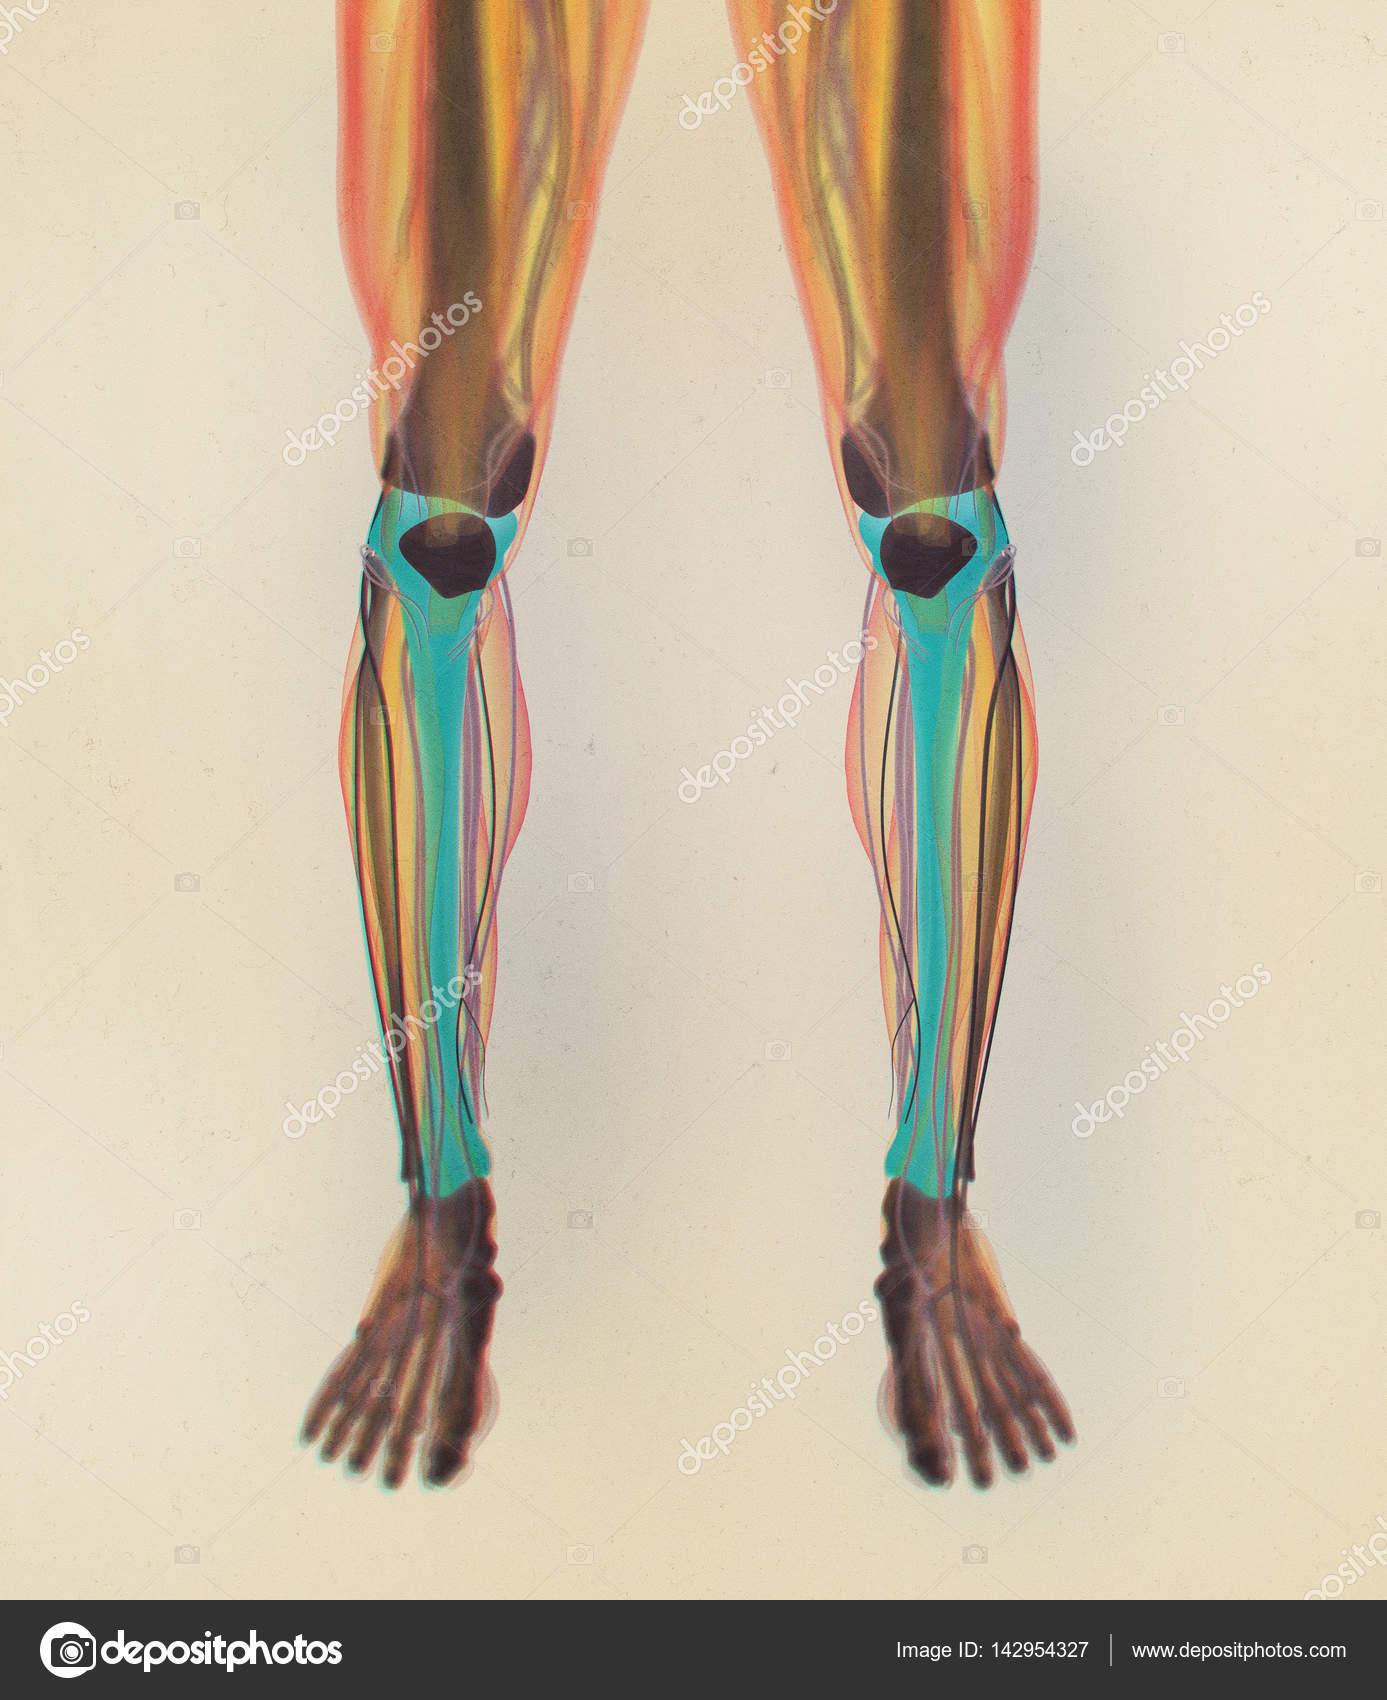 shinbones anatomy model — Stock Photo © AnatomyInsider #142954327